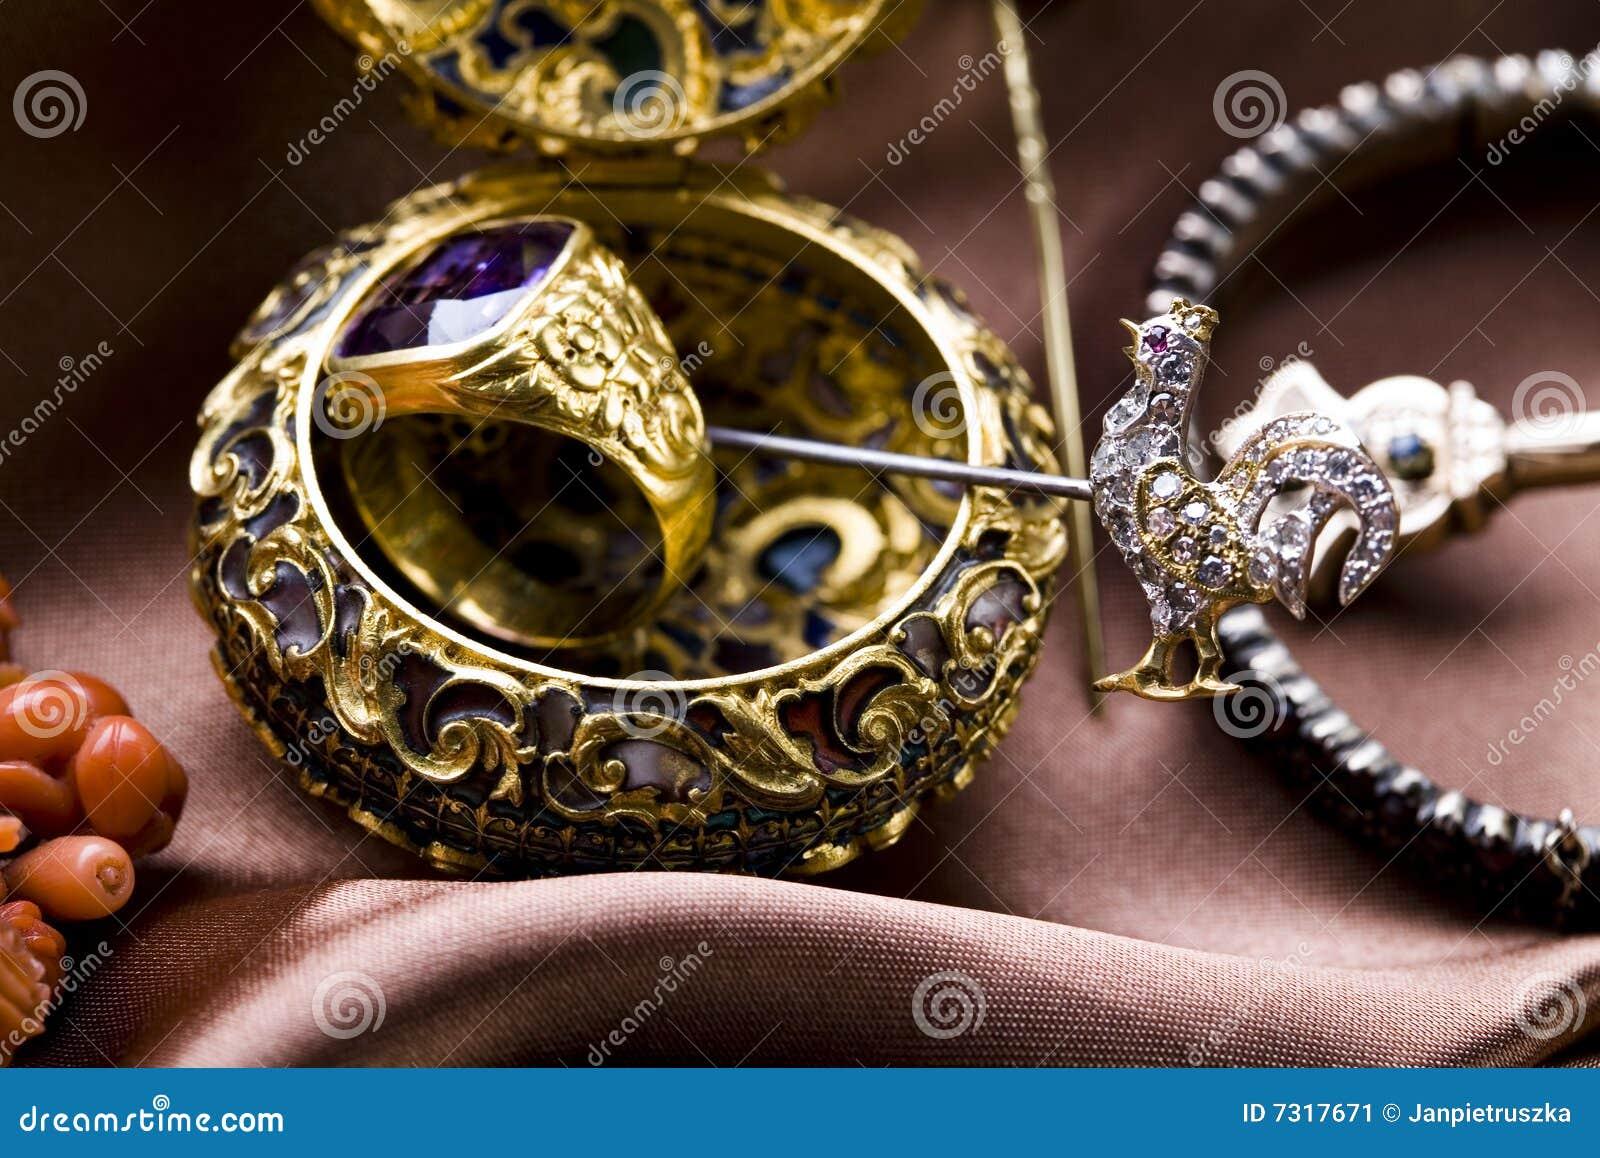 Pietre preziose - gioielli